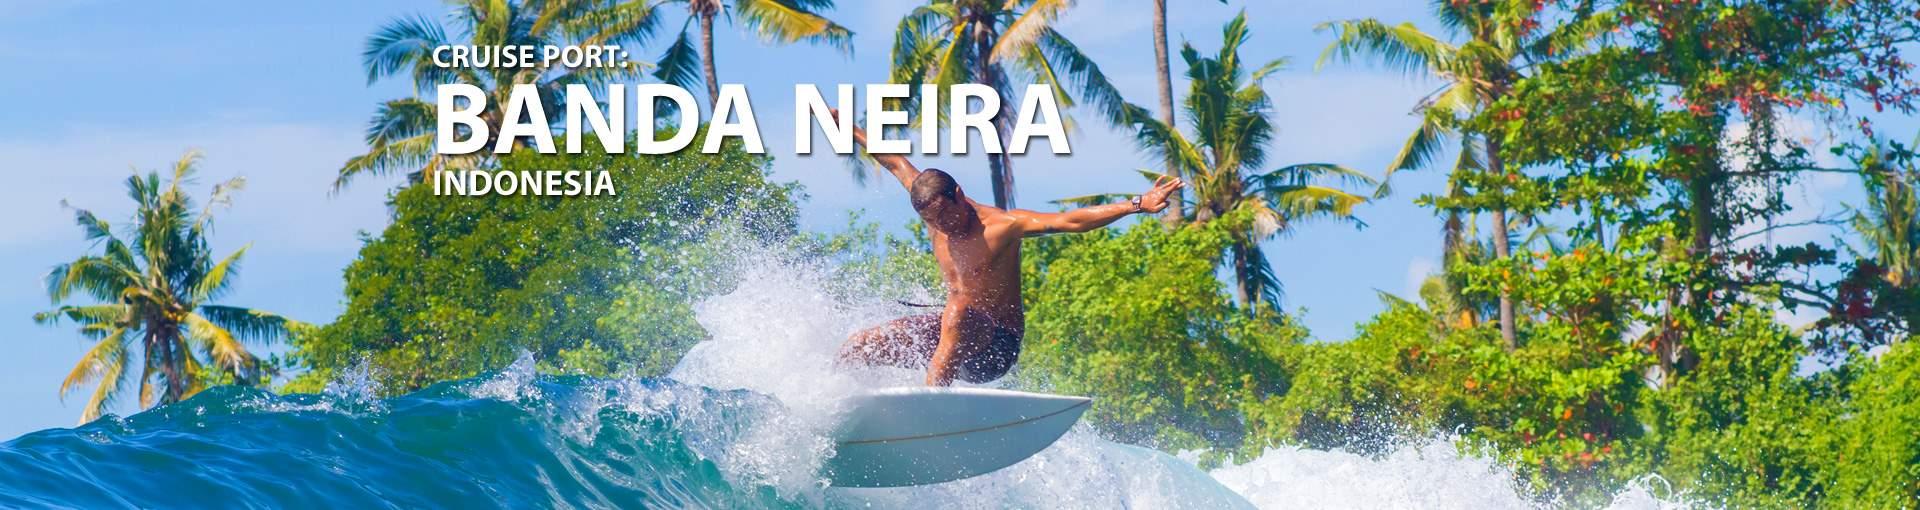 Cruises to Banda Neira, Indonesia